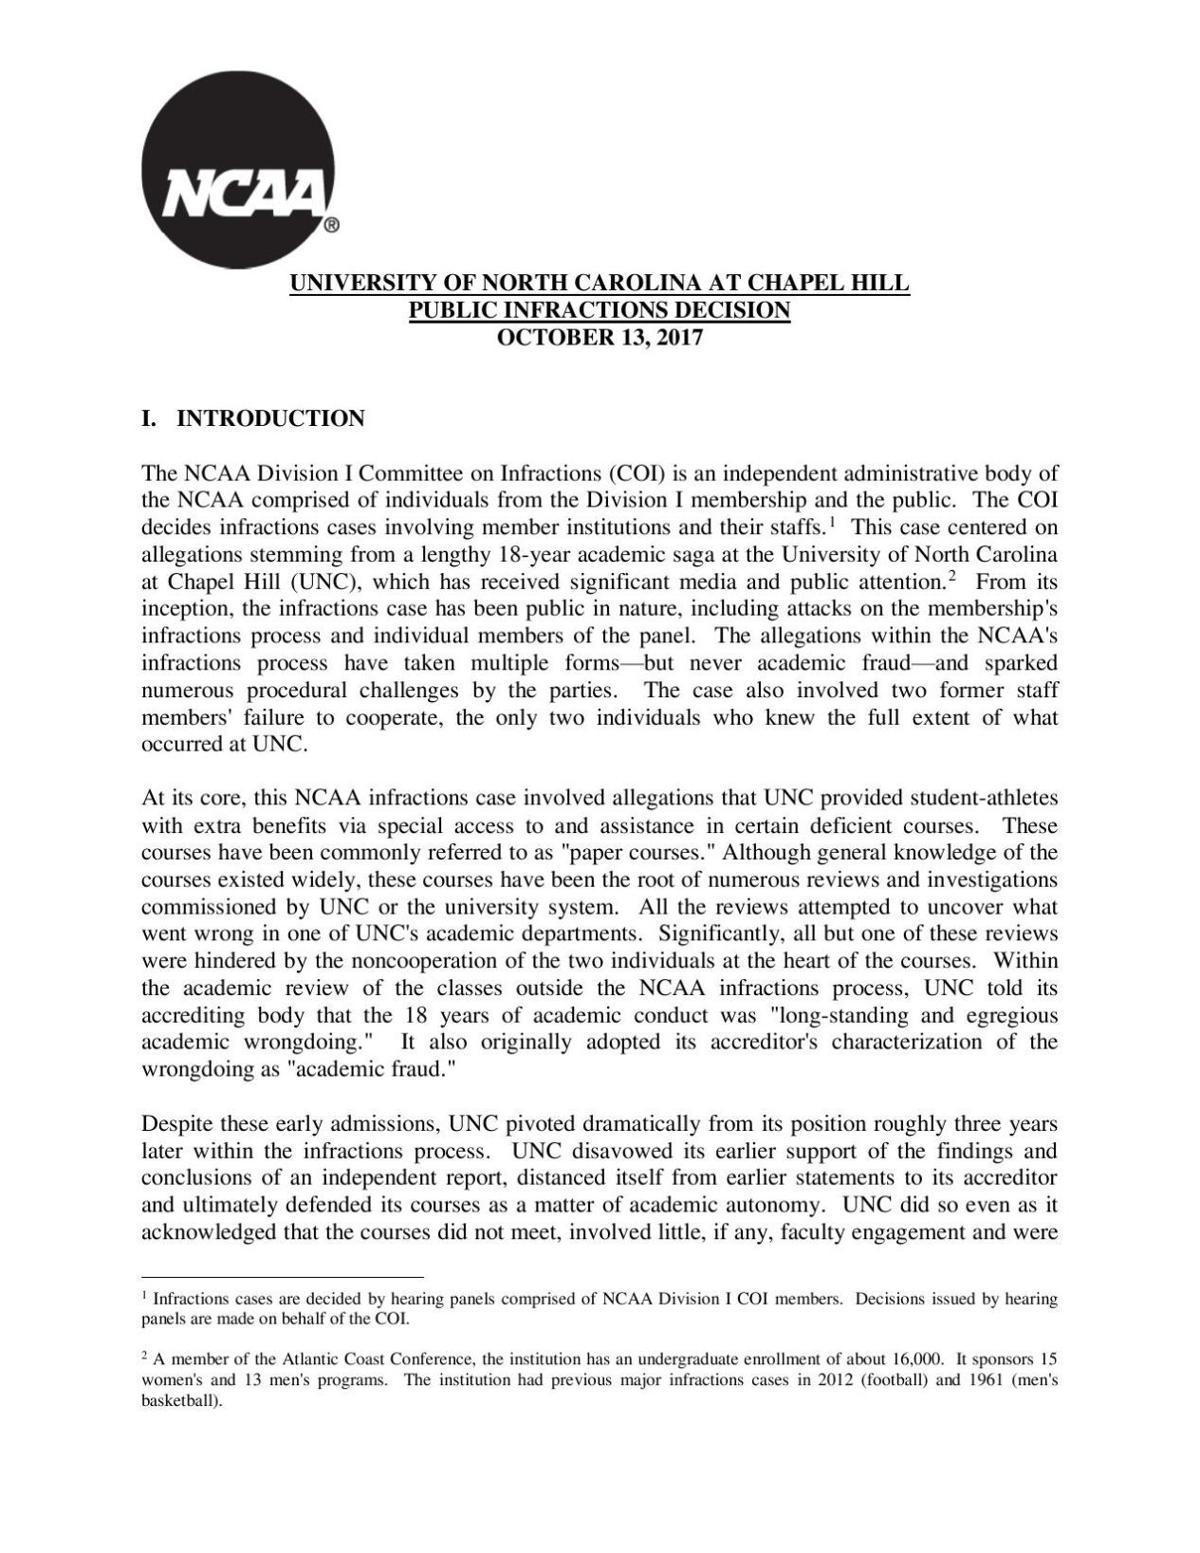 UNC ruling